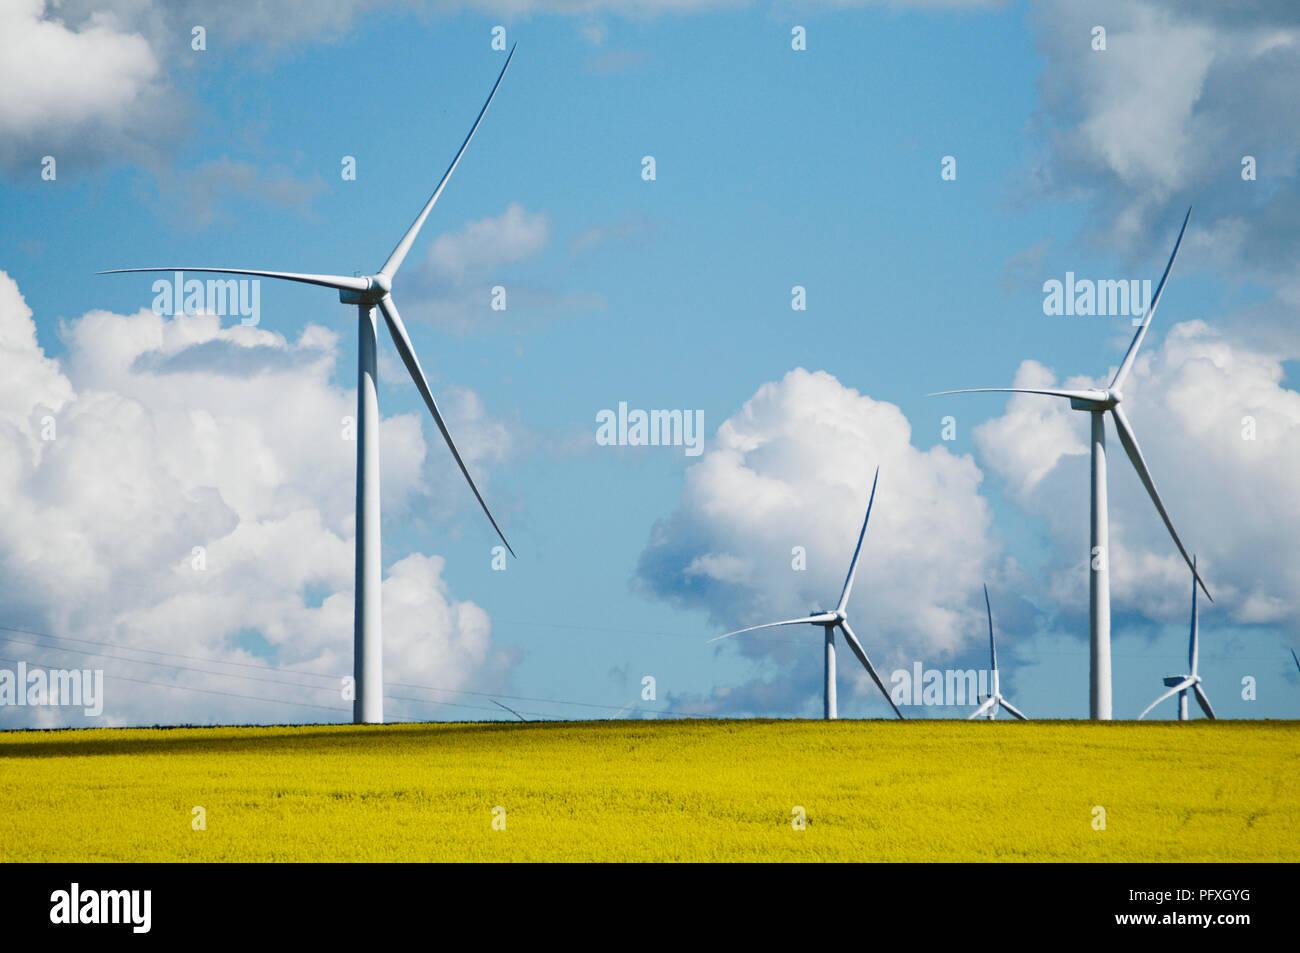 Les bestiaux Hill Wind Farm est un projet d'énergie éolienne situé à 35 km à l'ouest de la région de Ballarat Victoria's Central Highlands, connu comme les Pyrénées, l'Australie Photo Stock